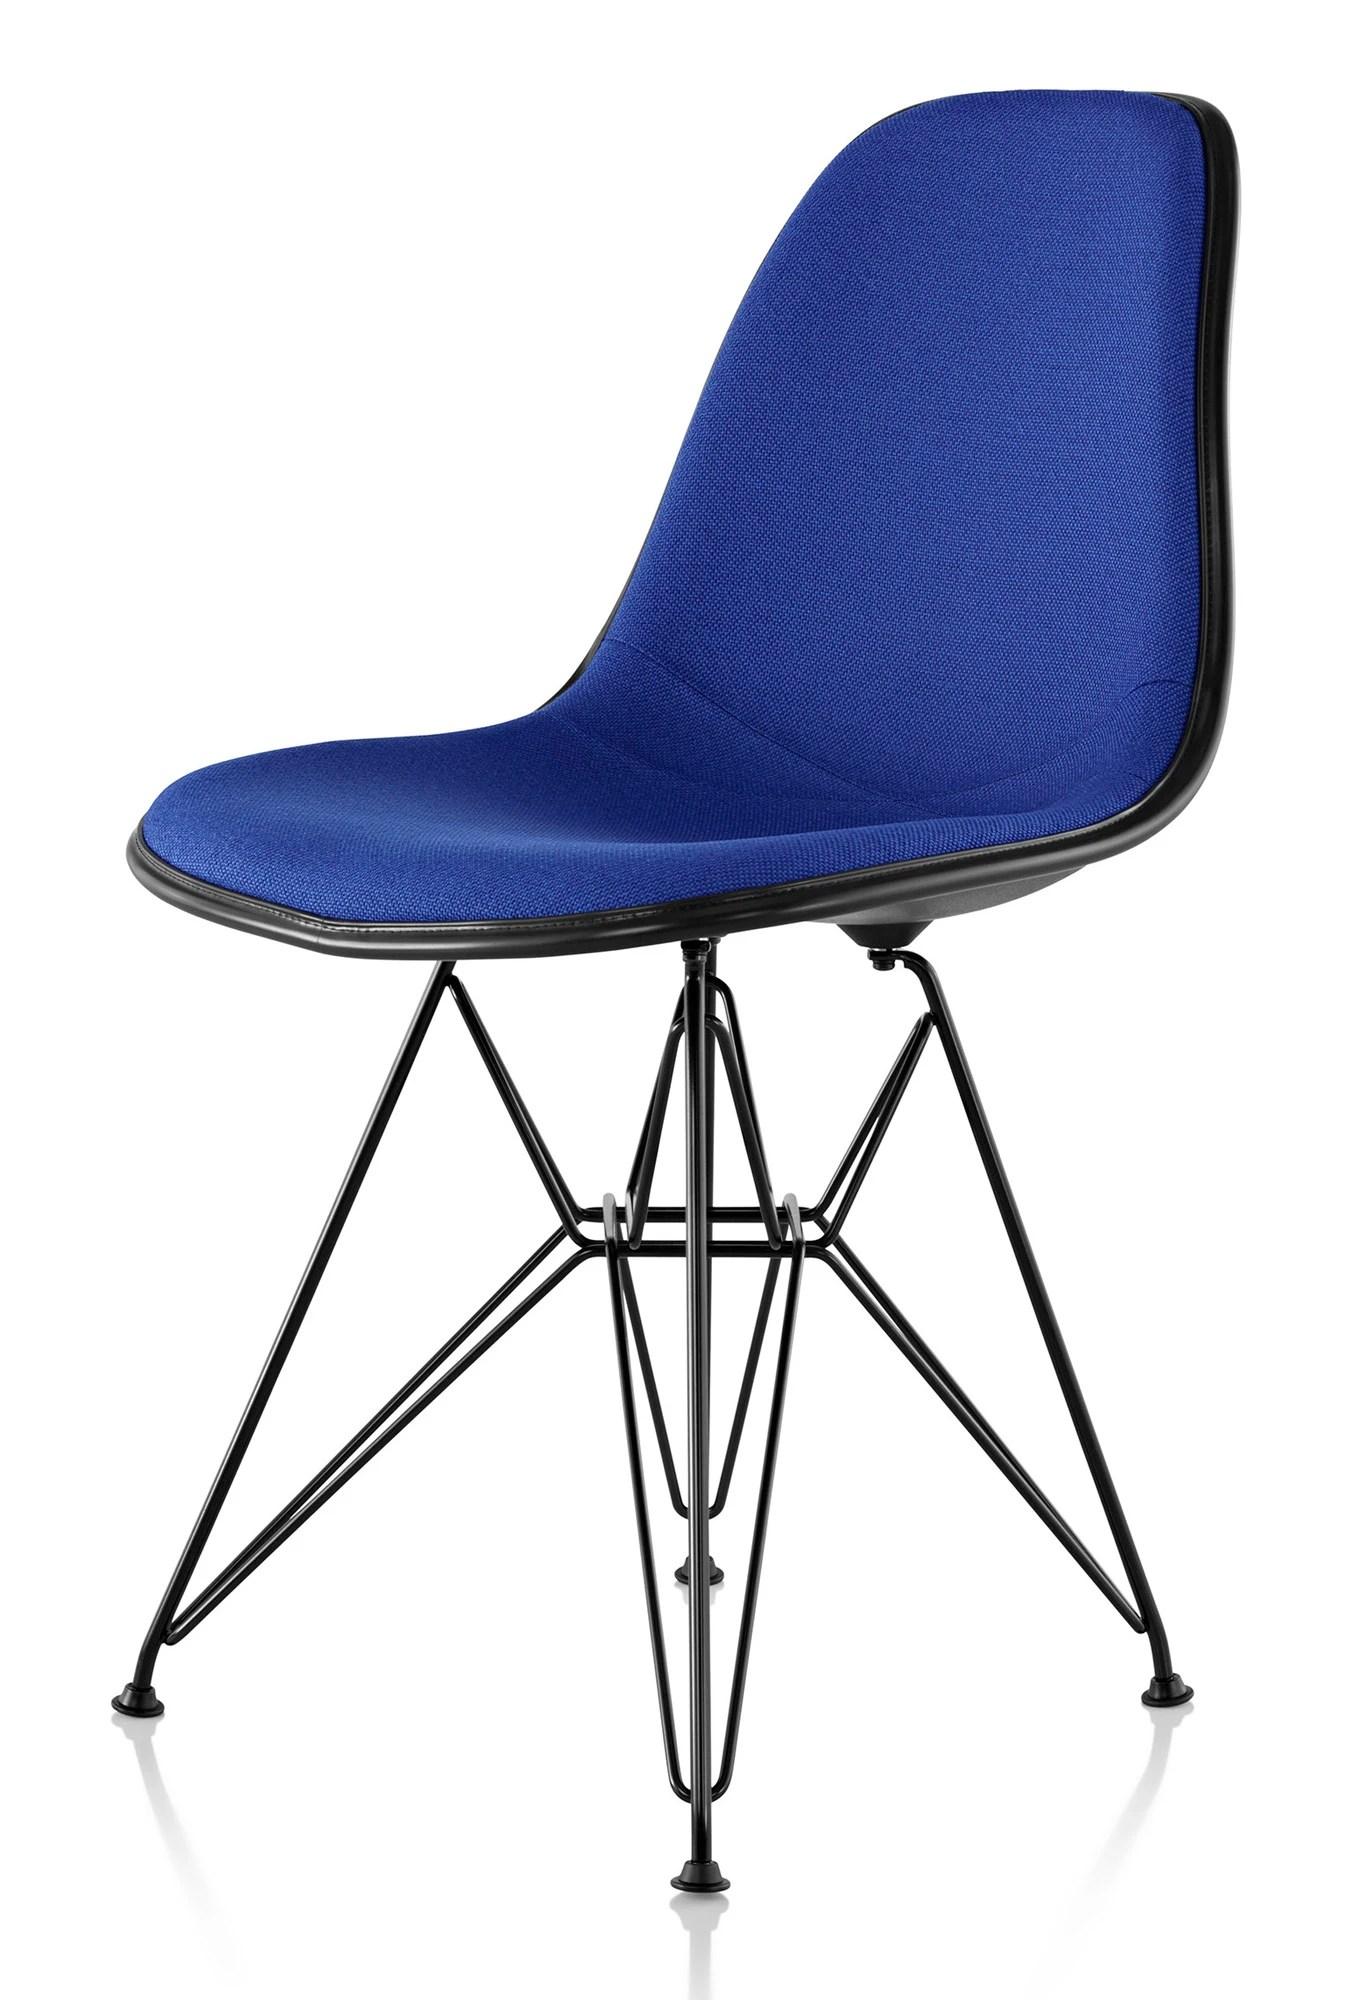 Herman Miller Eames Molded Fiberglass Side Chair